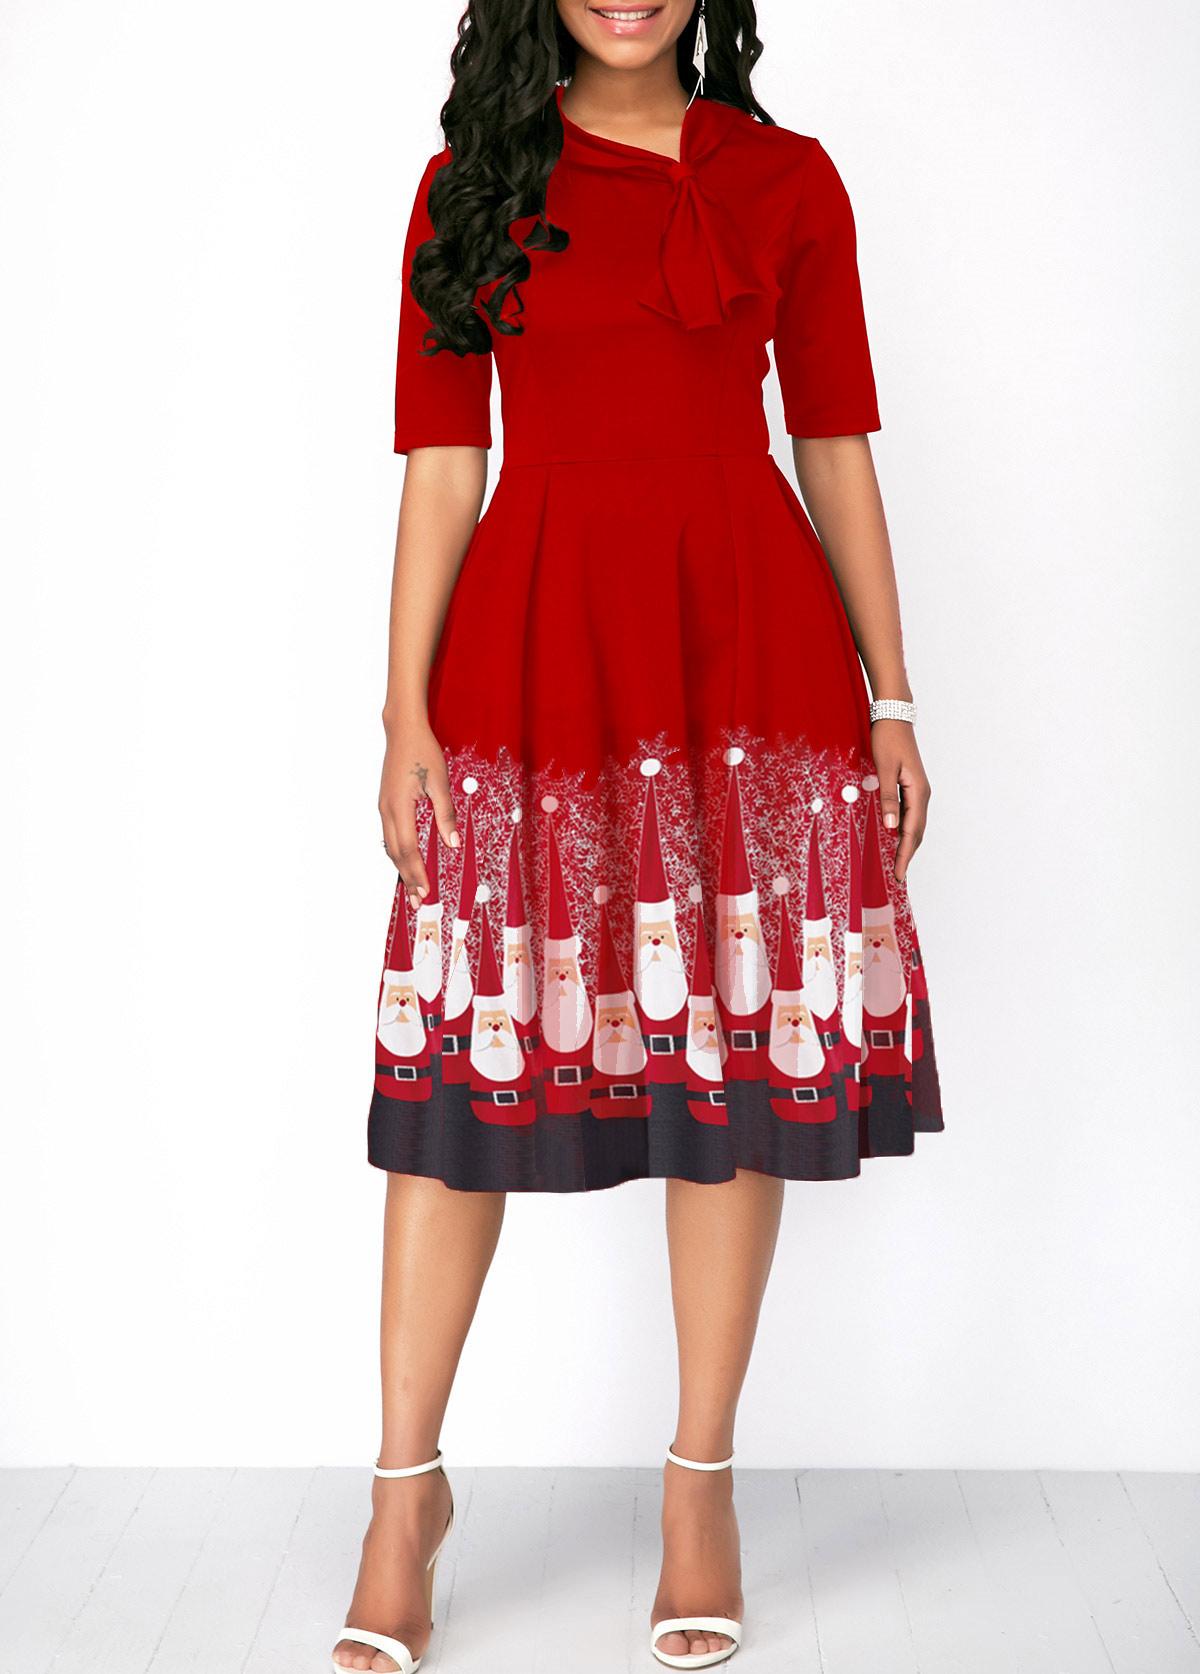 35063c084 Red Christmas Dress - Christmas Decor and Lights